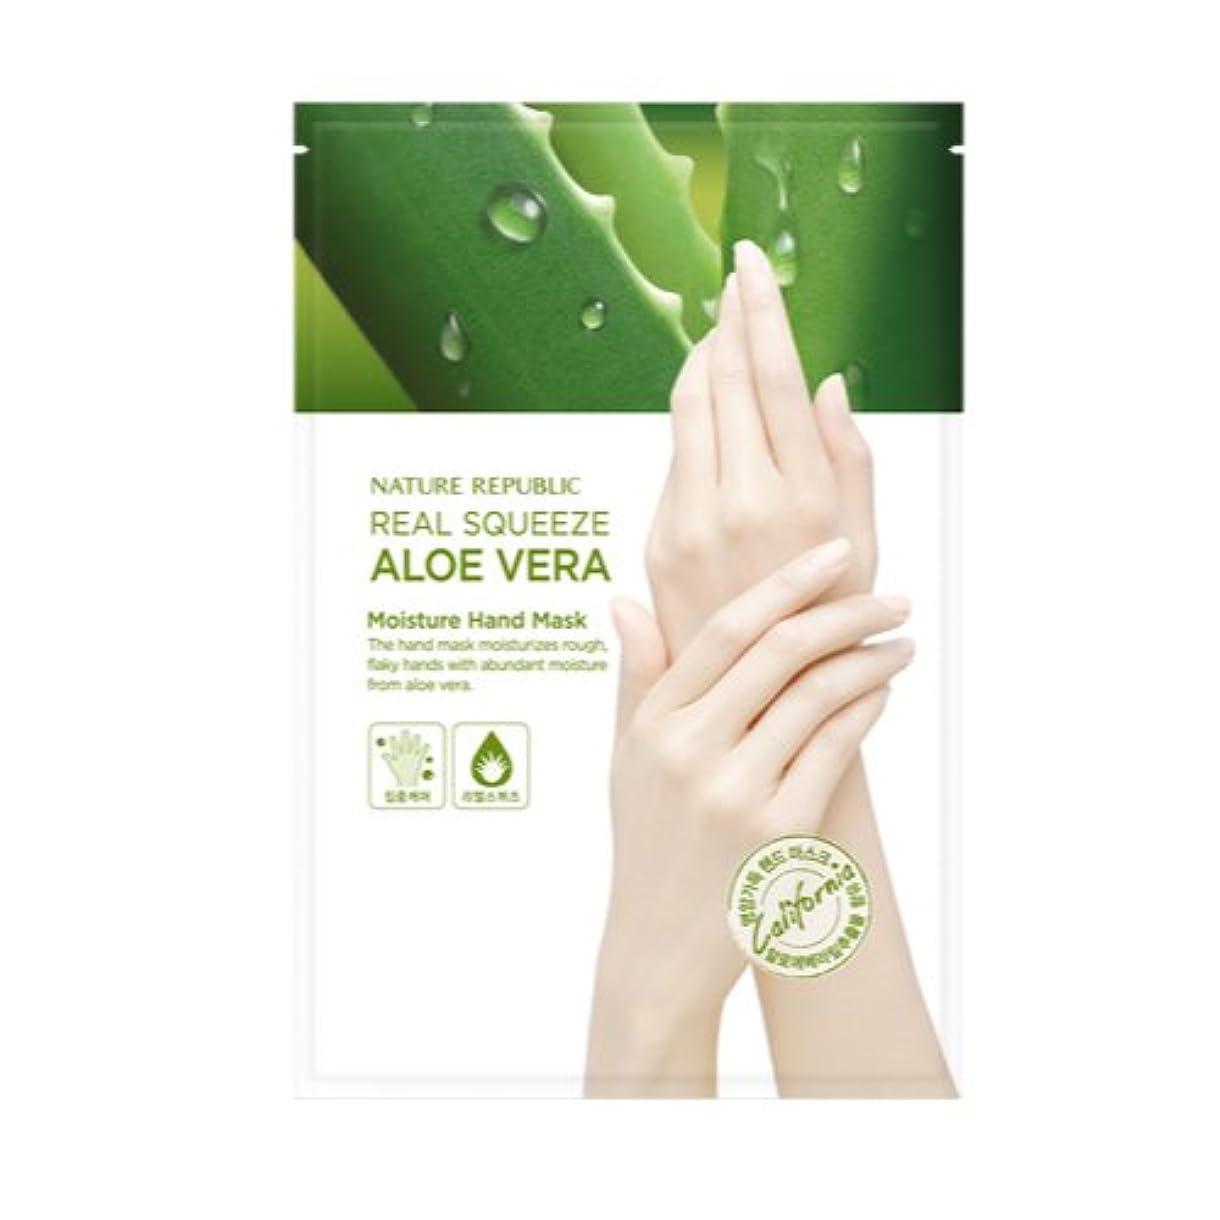 着るタクシーキリン[ネイチャーリパブリック] Nature republicリアルスクイズアロエベラモイスチャーハンドマスク(2枚入1回分)海外直送品(Real Squeeze Aloe Vera Moisture Hand Mask)...